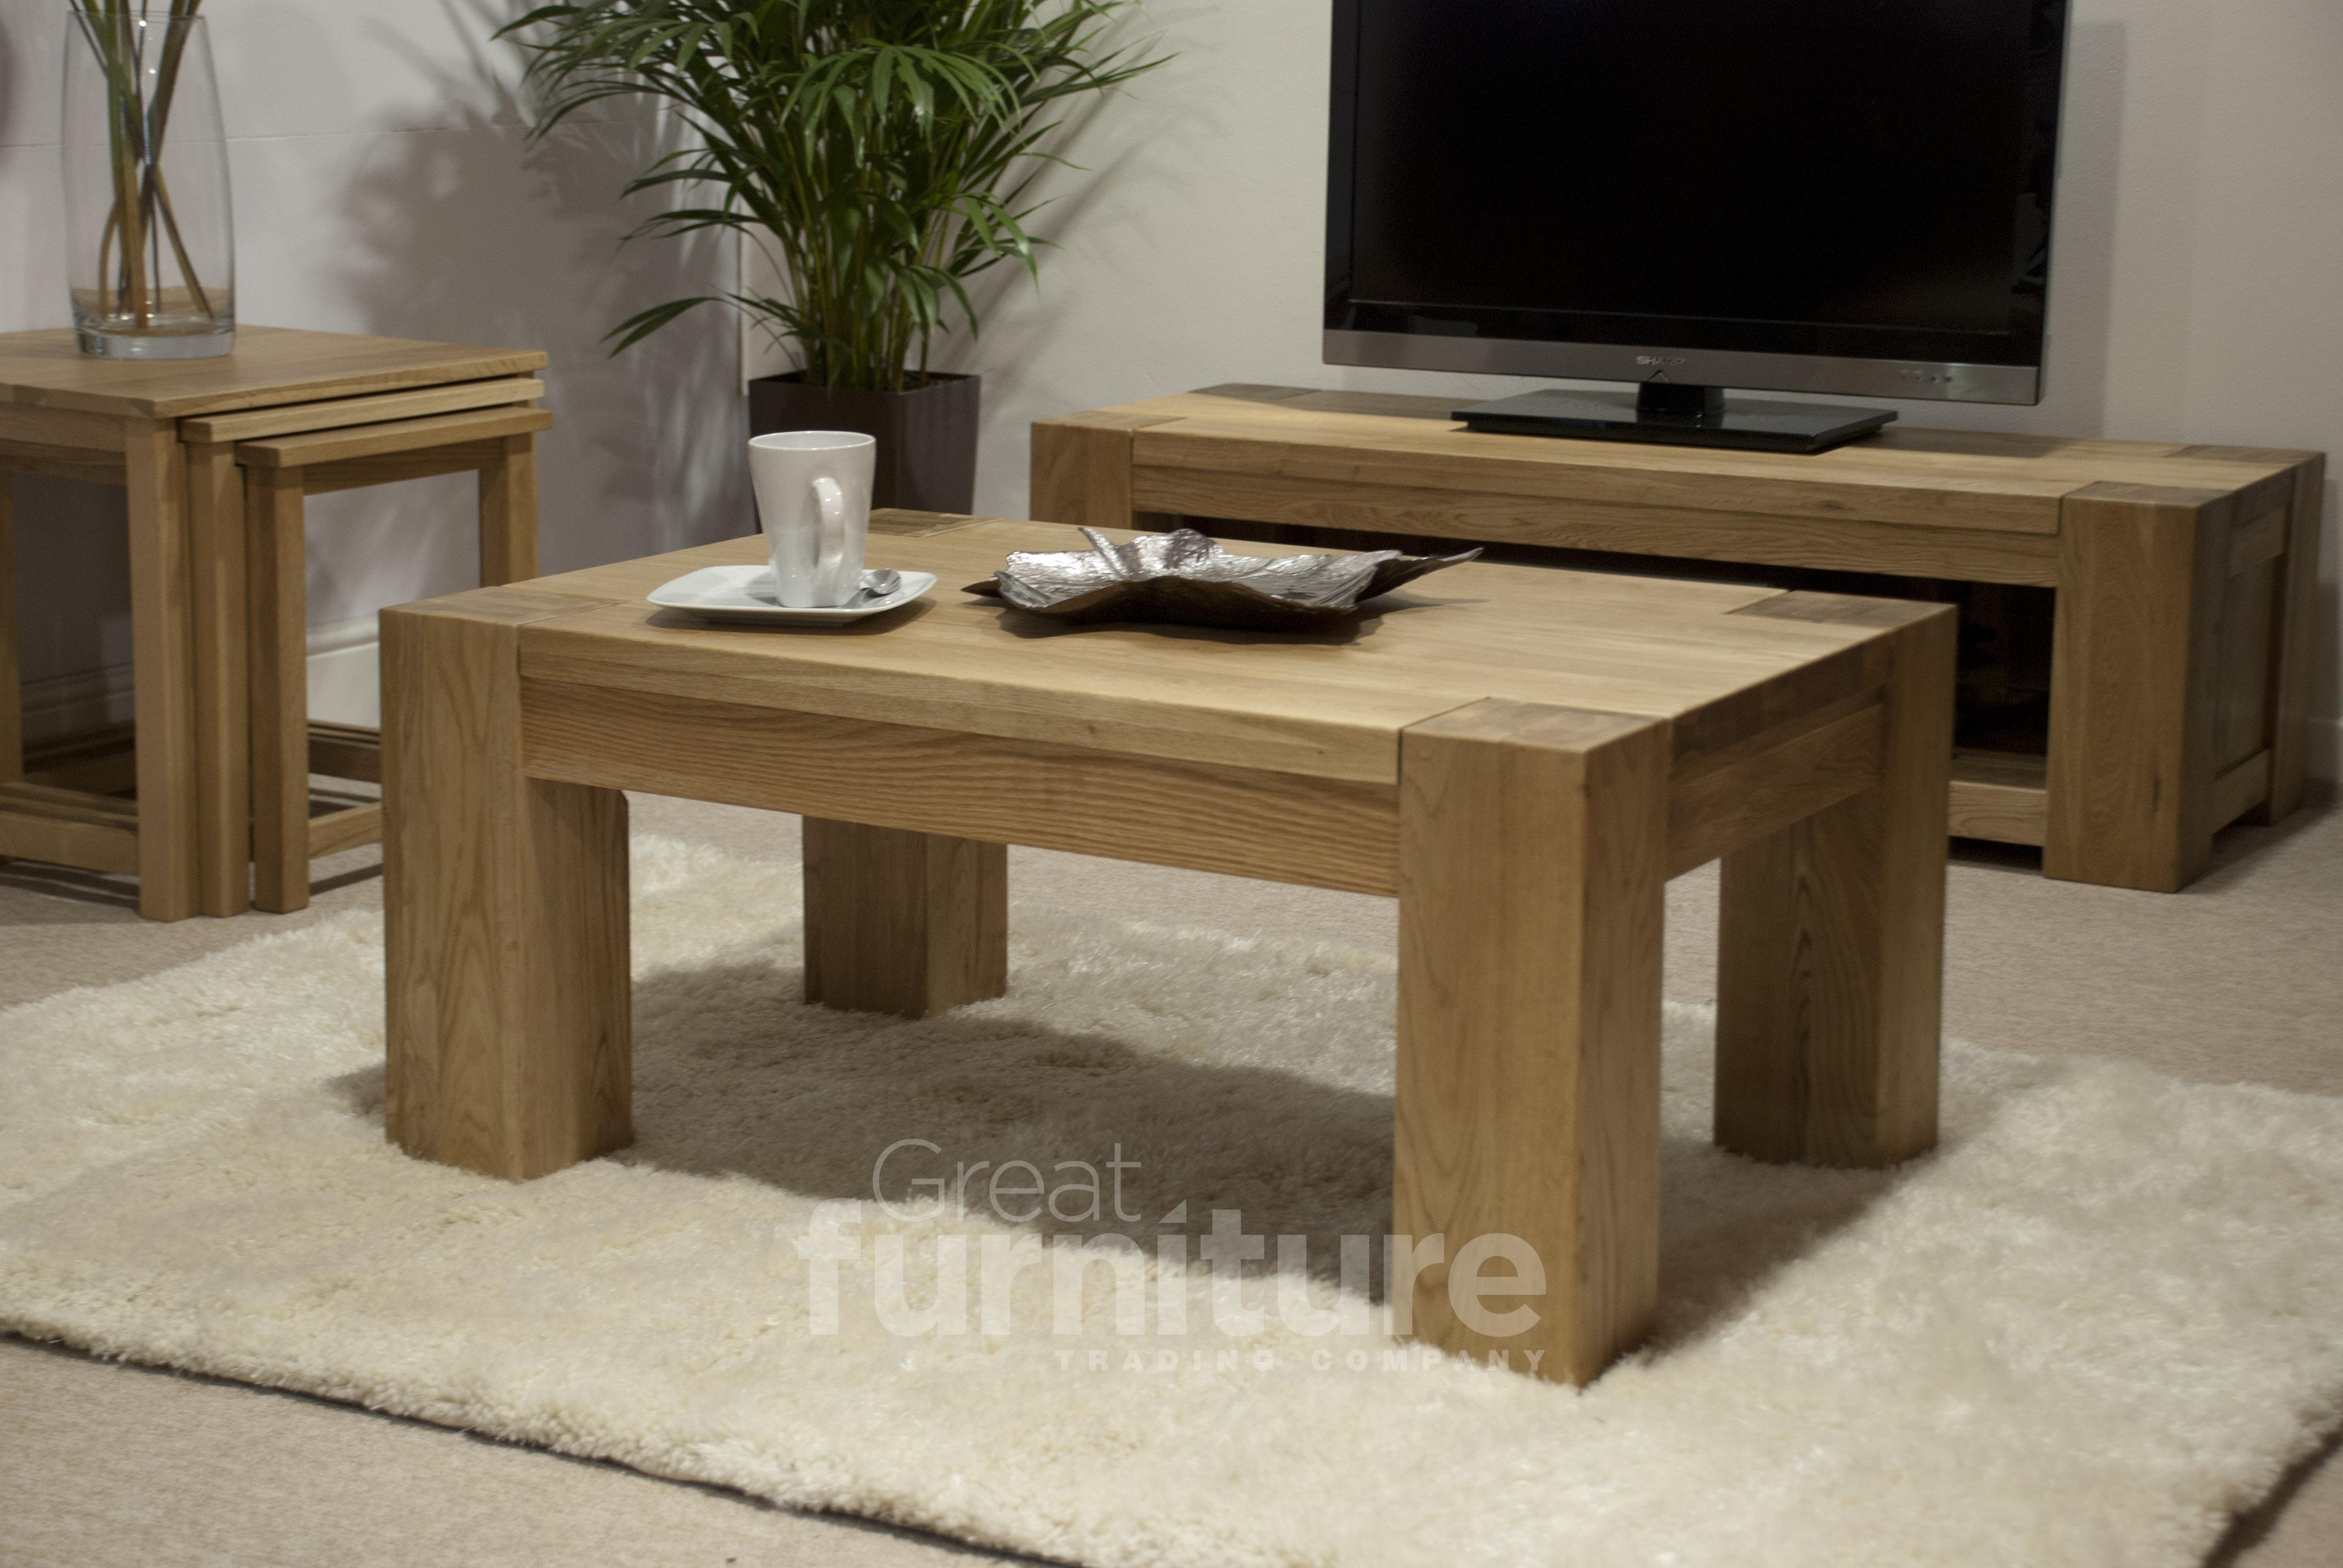 Trend Oak 90cm Coffee Table